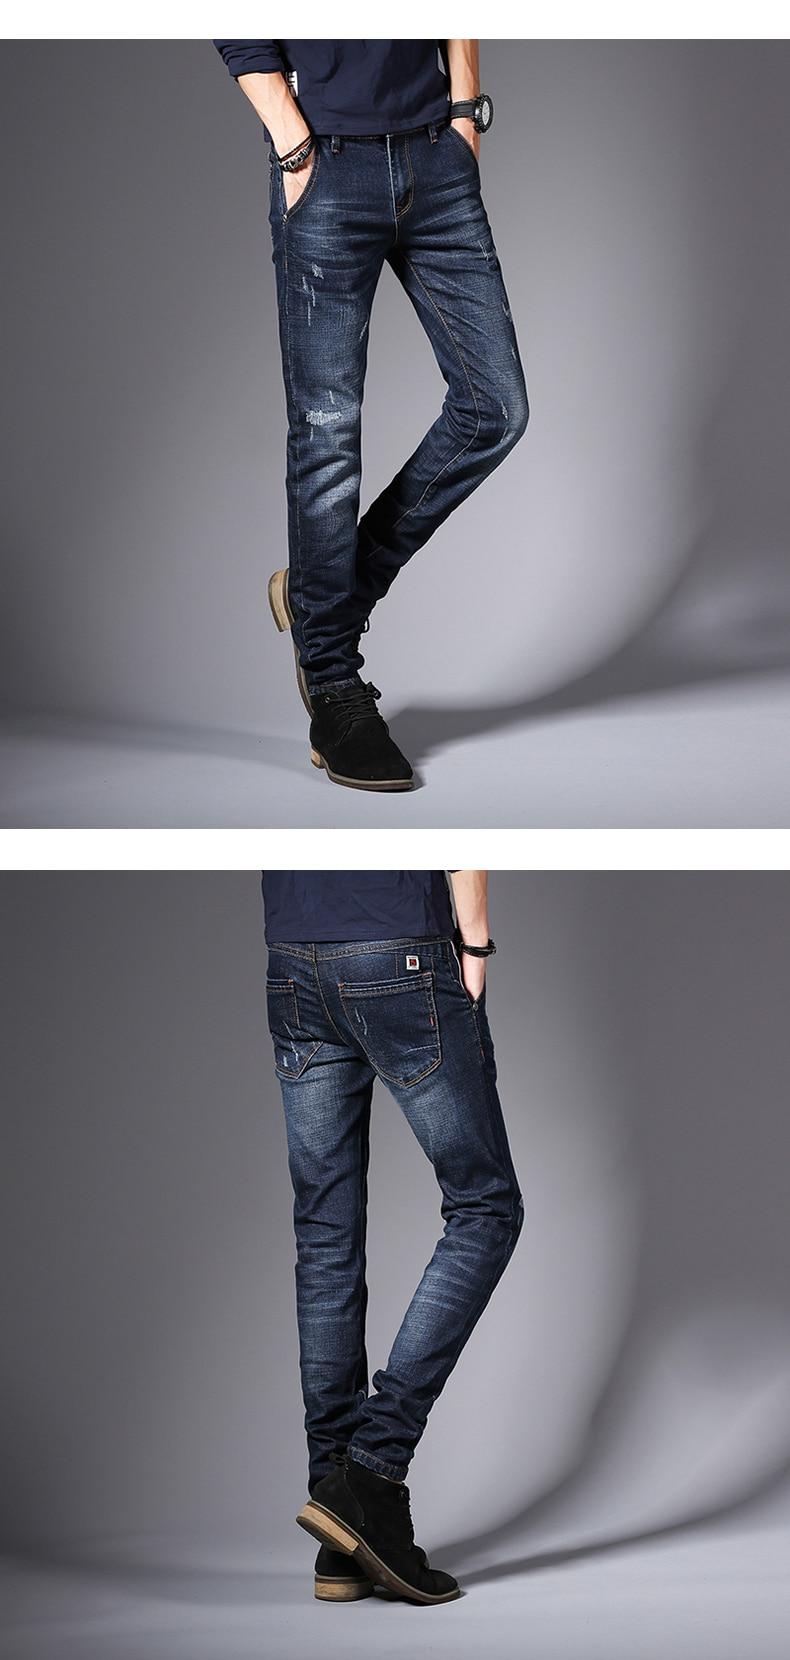 KSTUN Jeans Men Clothes 2018  Autumn Business Casual Pants Slim Fit Elasticity Dark Blue Classic